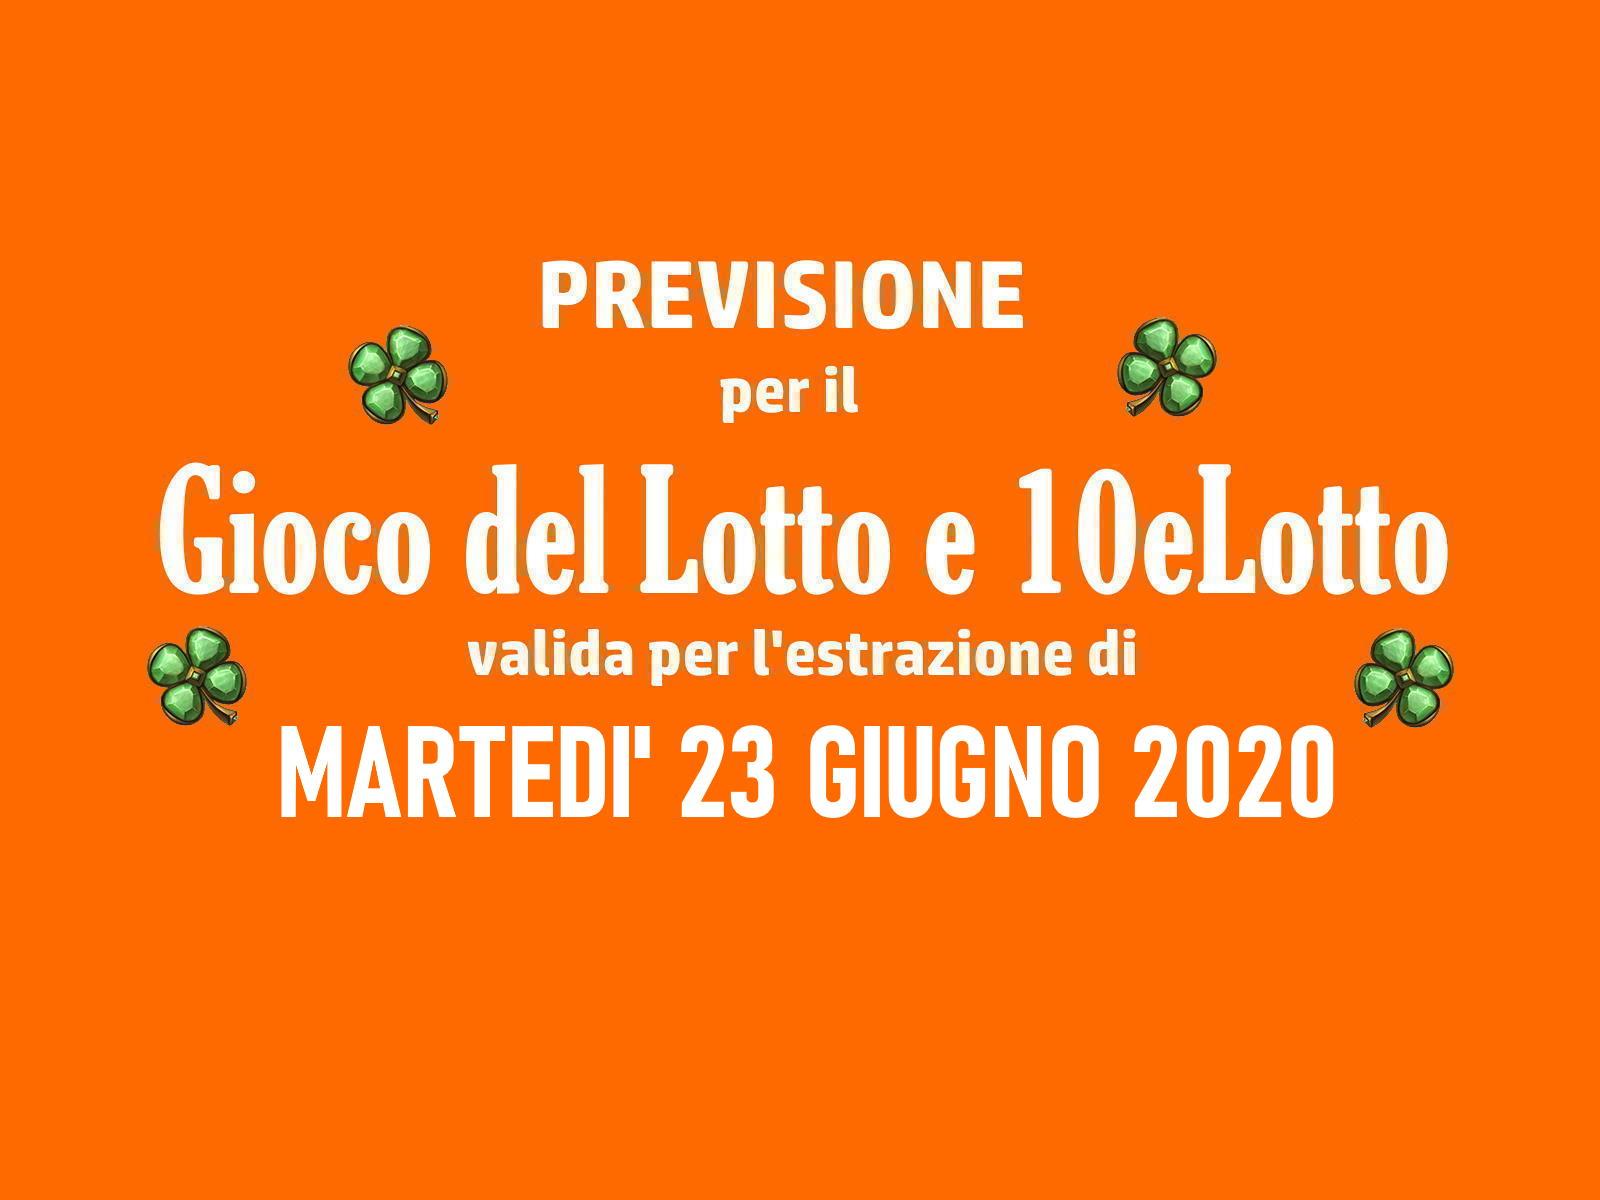 Previsione Lotto 23 Giugno 2020